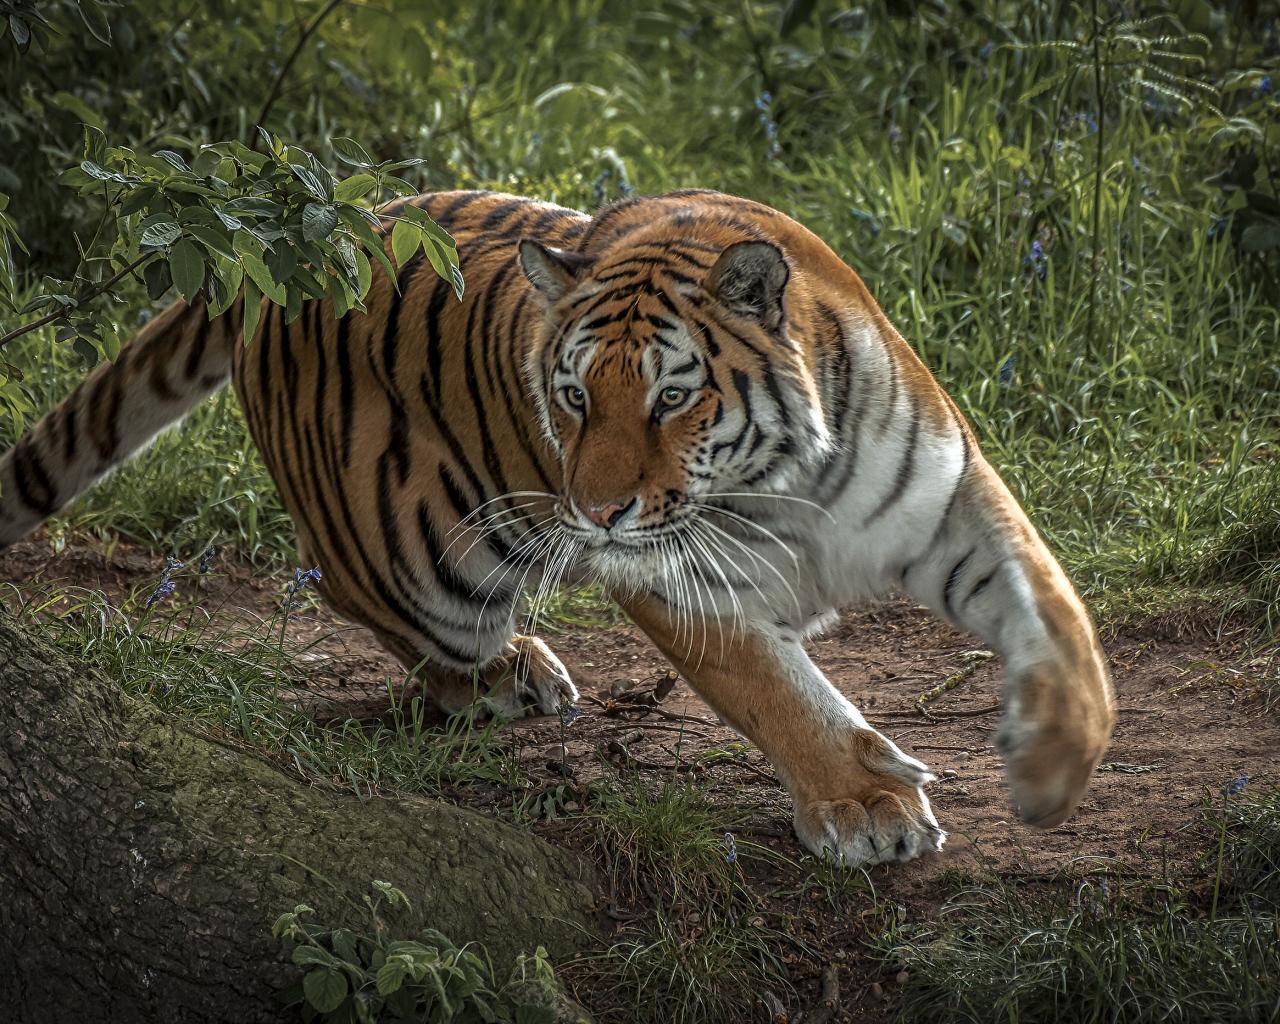 Tigre corriendo - 1280x1024